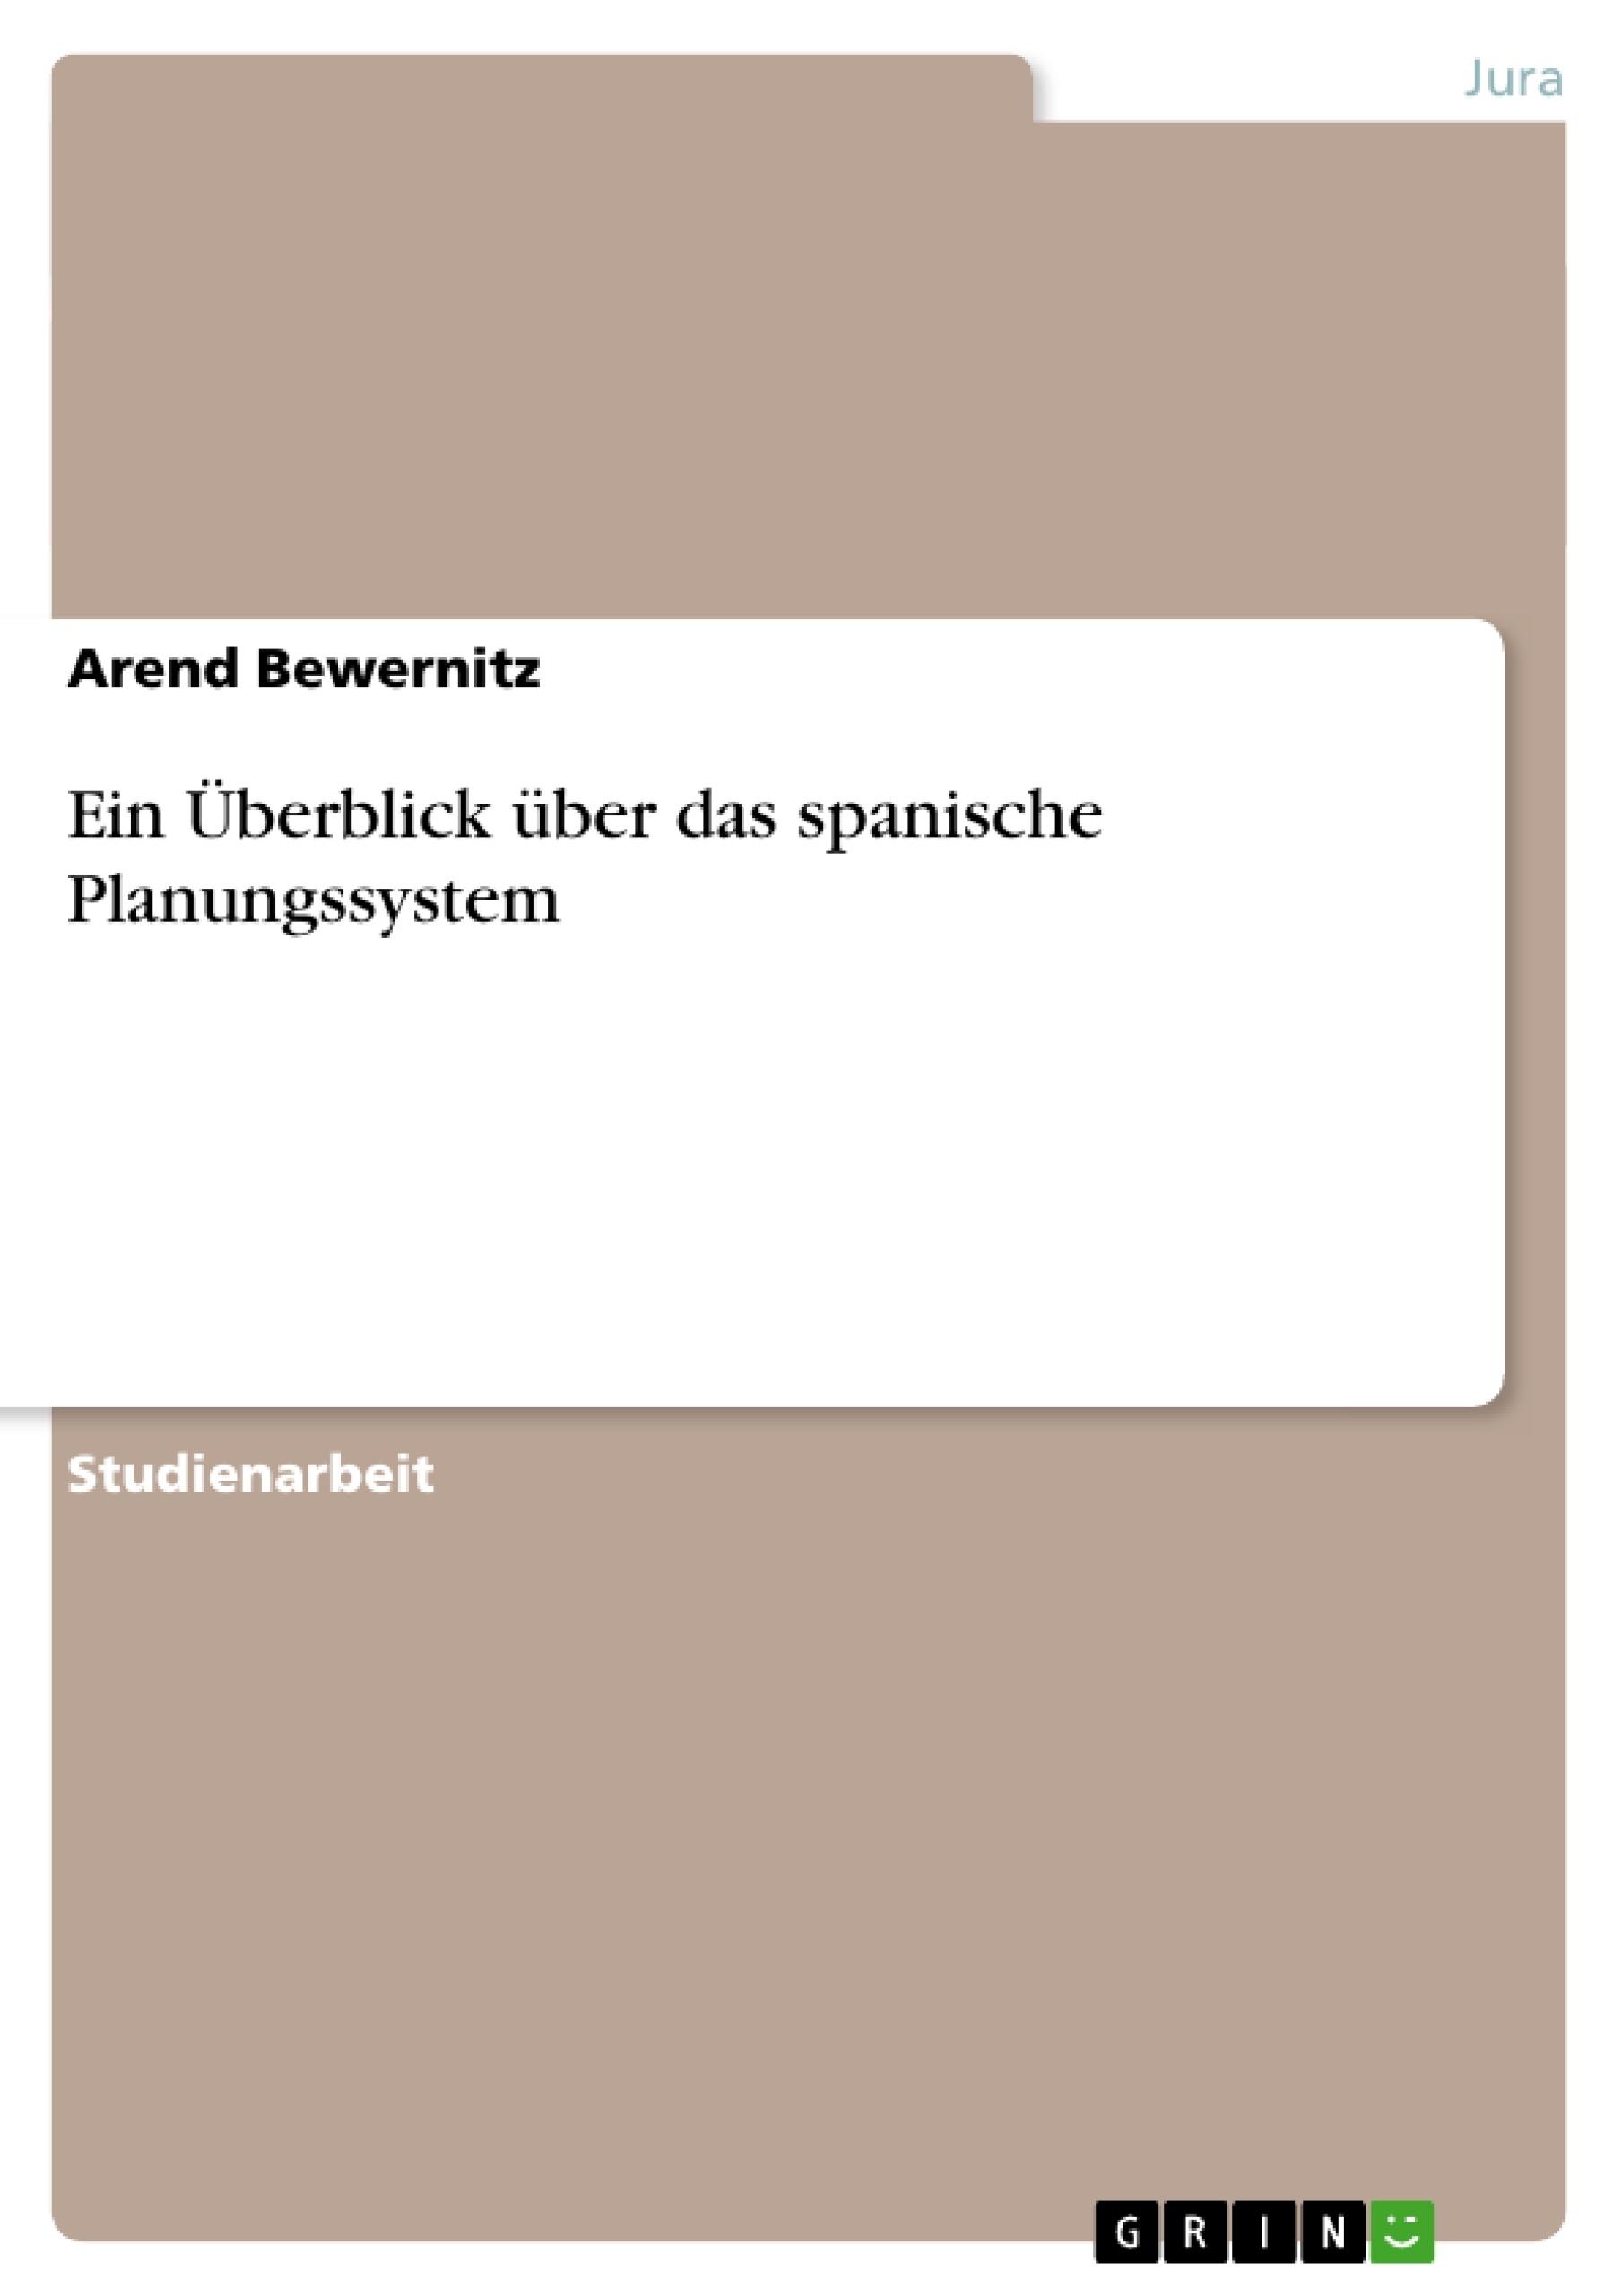 Titel: Ein Überblick über das spanische Planungssystem